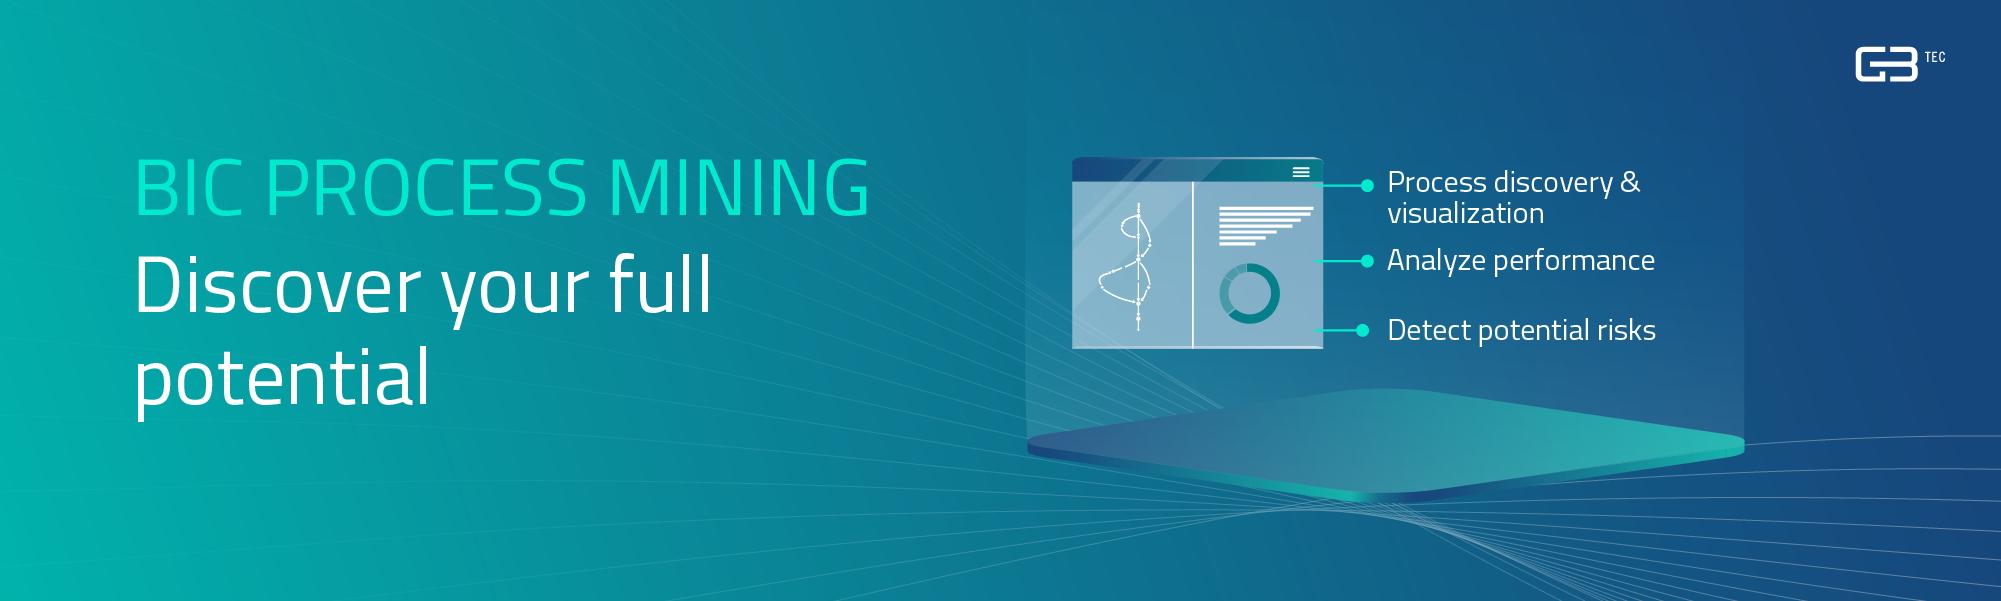 Bewertungen BIC Process Mining: Behalten Sie den Überblick über Ihre digitalen Prozesse - Appvizer